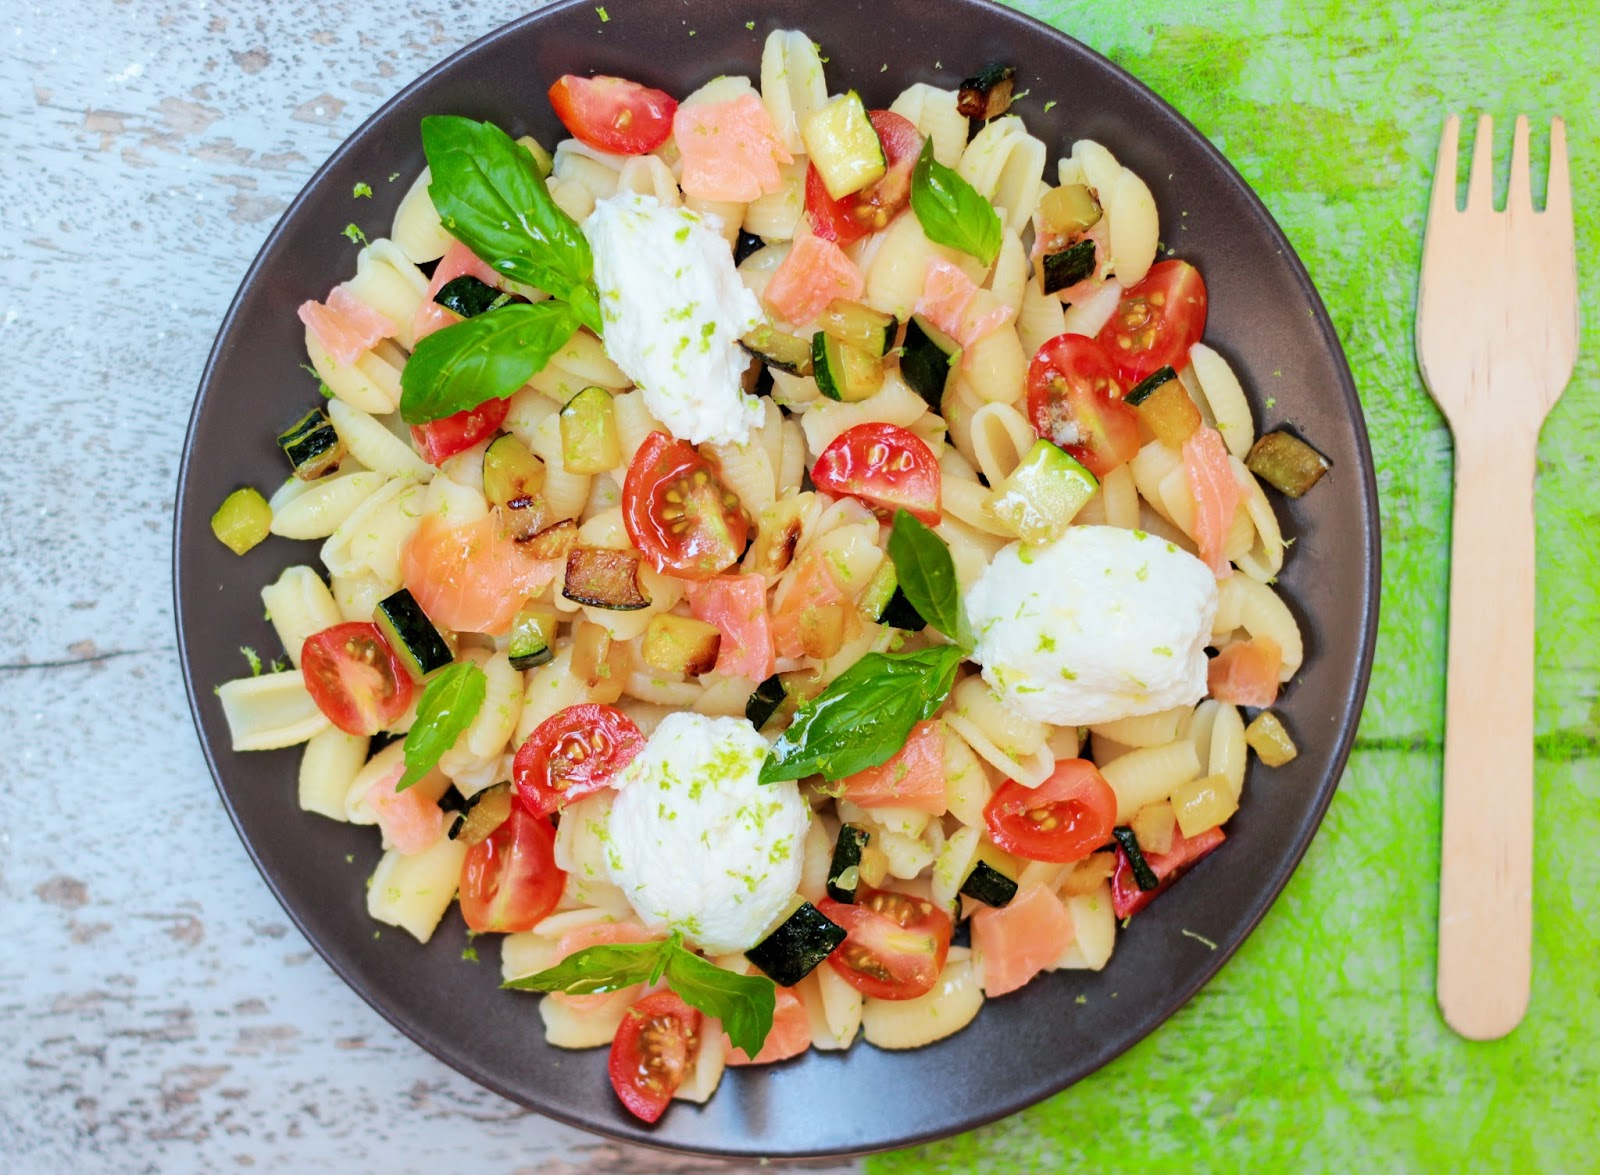 salade de p 226 tes 224 la ricotta saumon fum 233 petits l 233 gumes et citron vert camelie